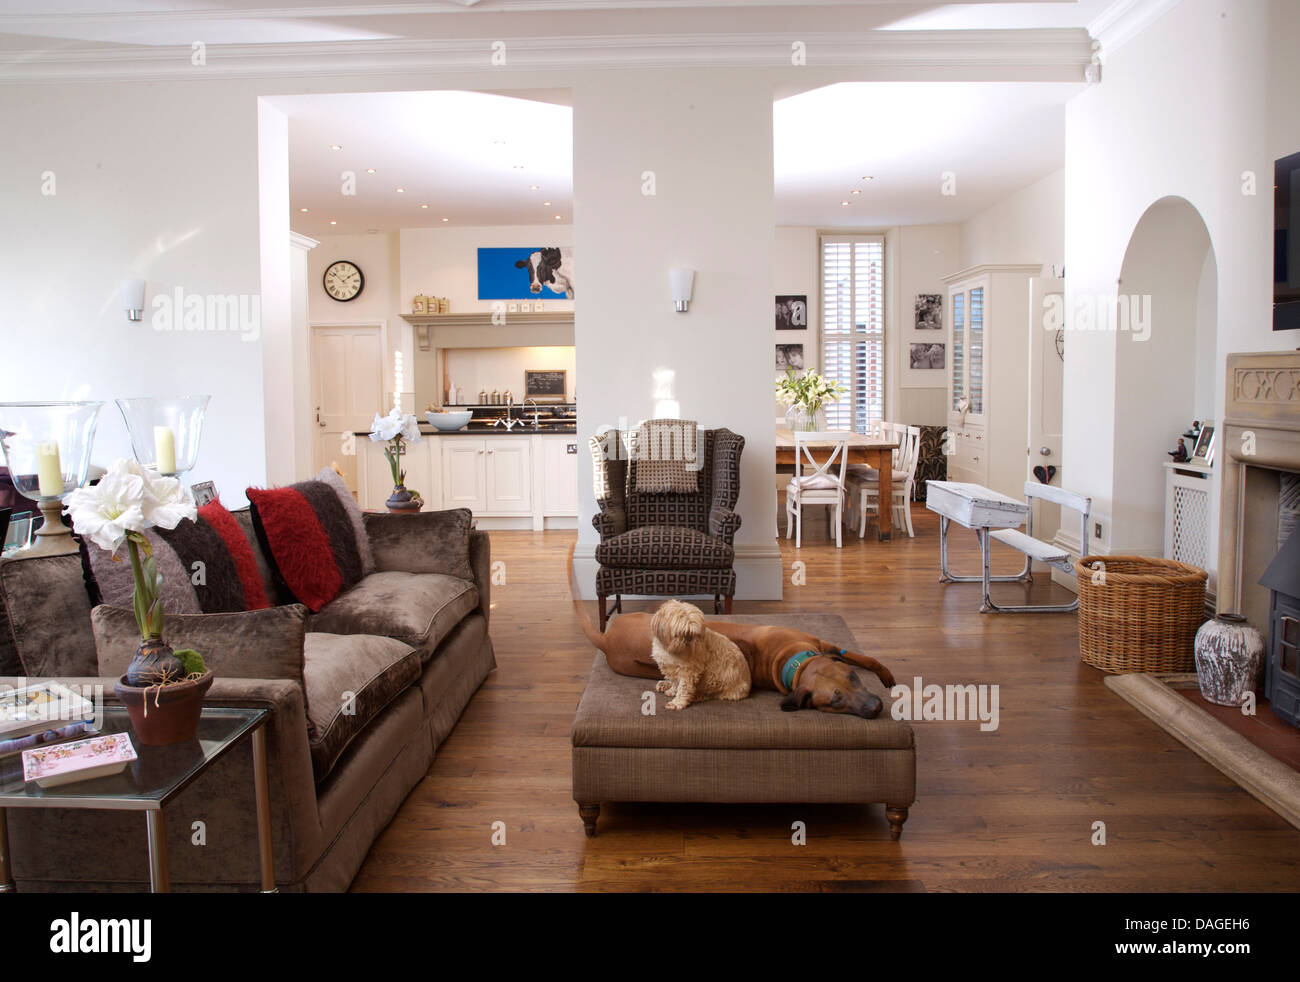 Hunde auf osmanischen vor Beige samt Sofa liegend in großen ...